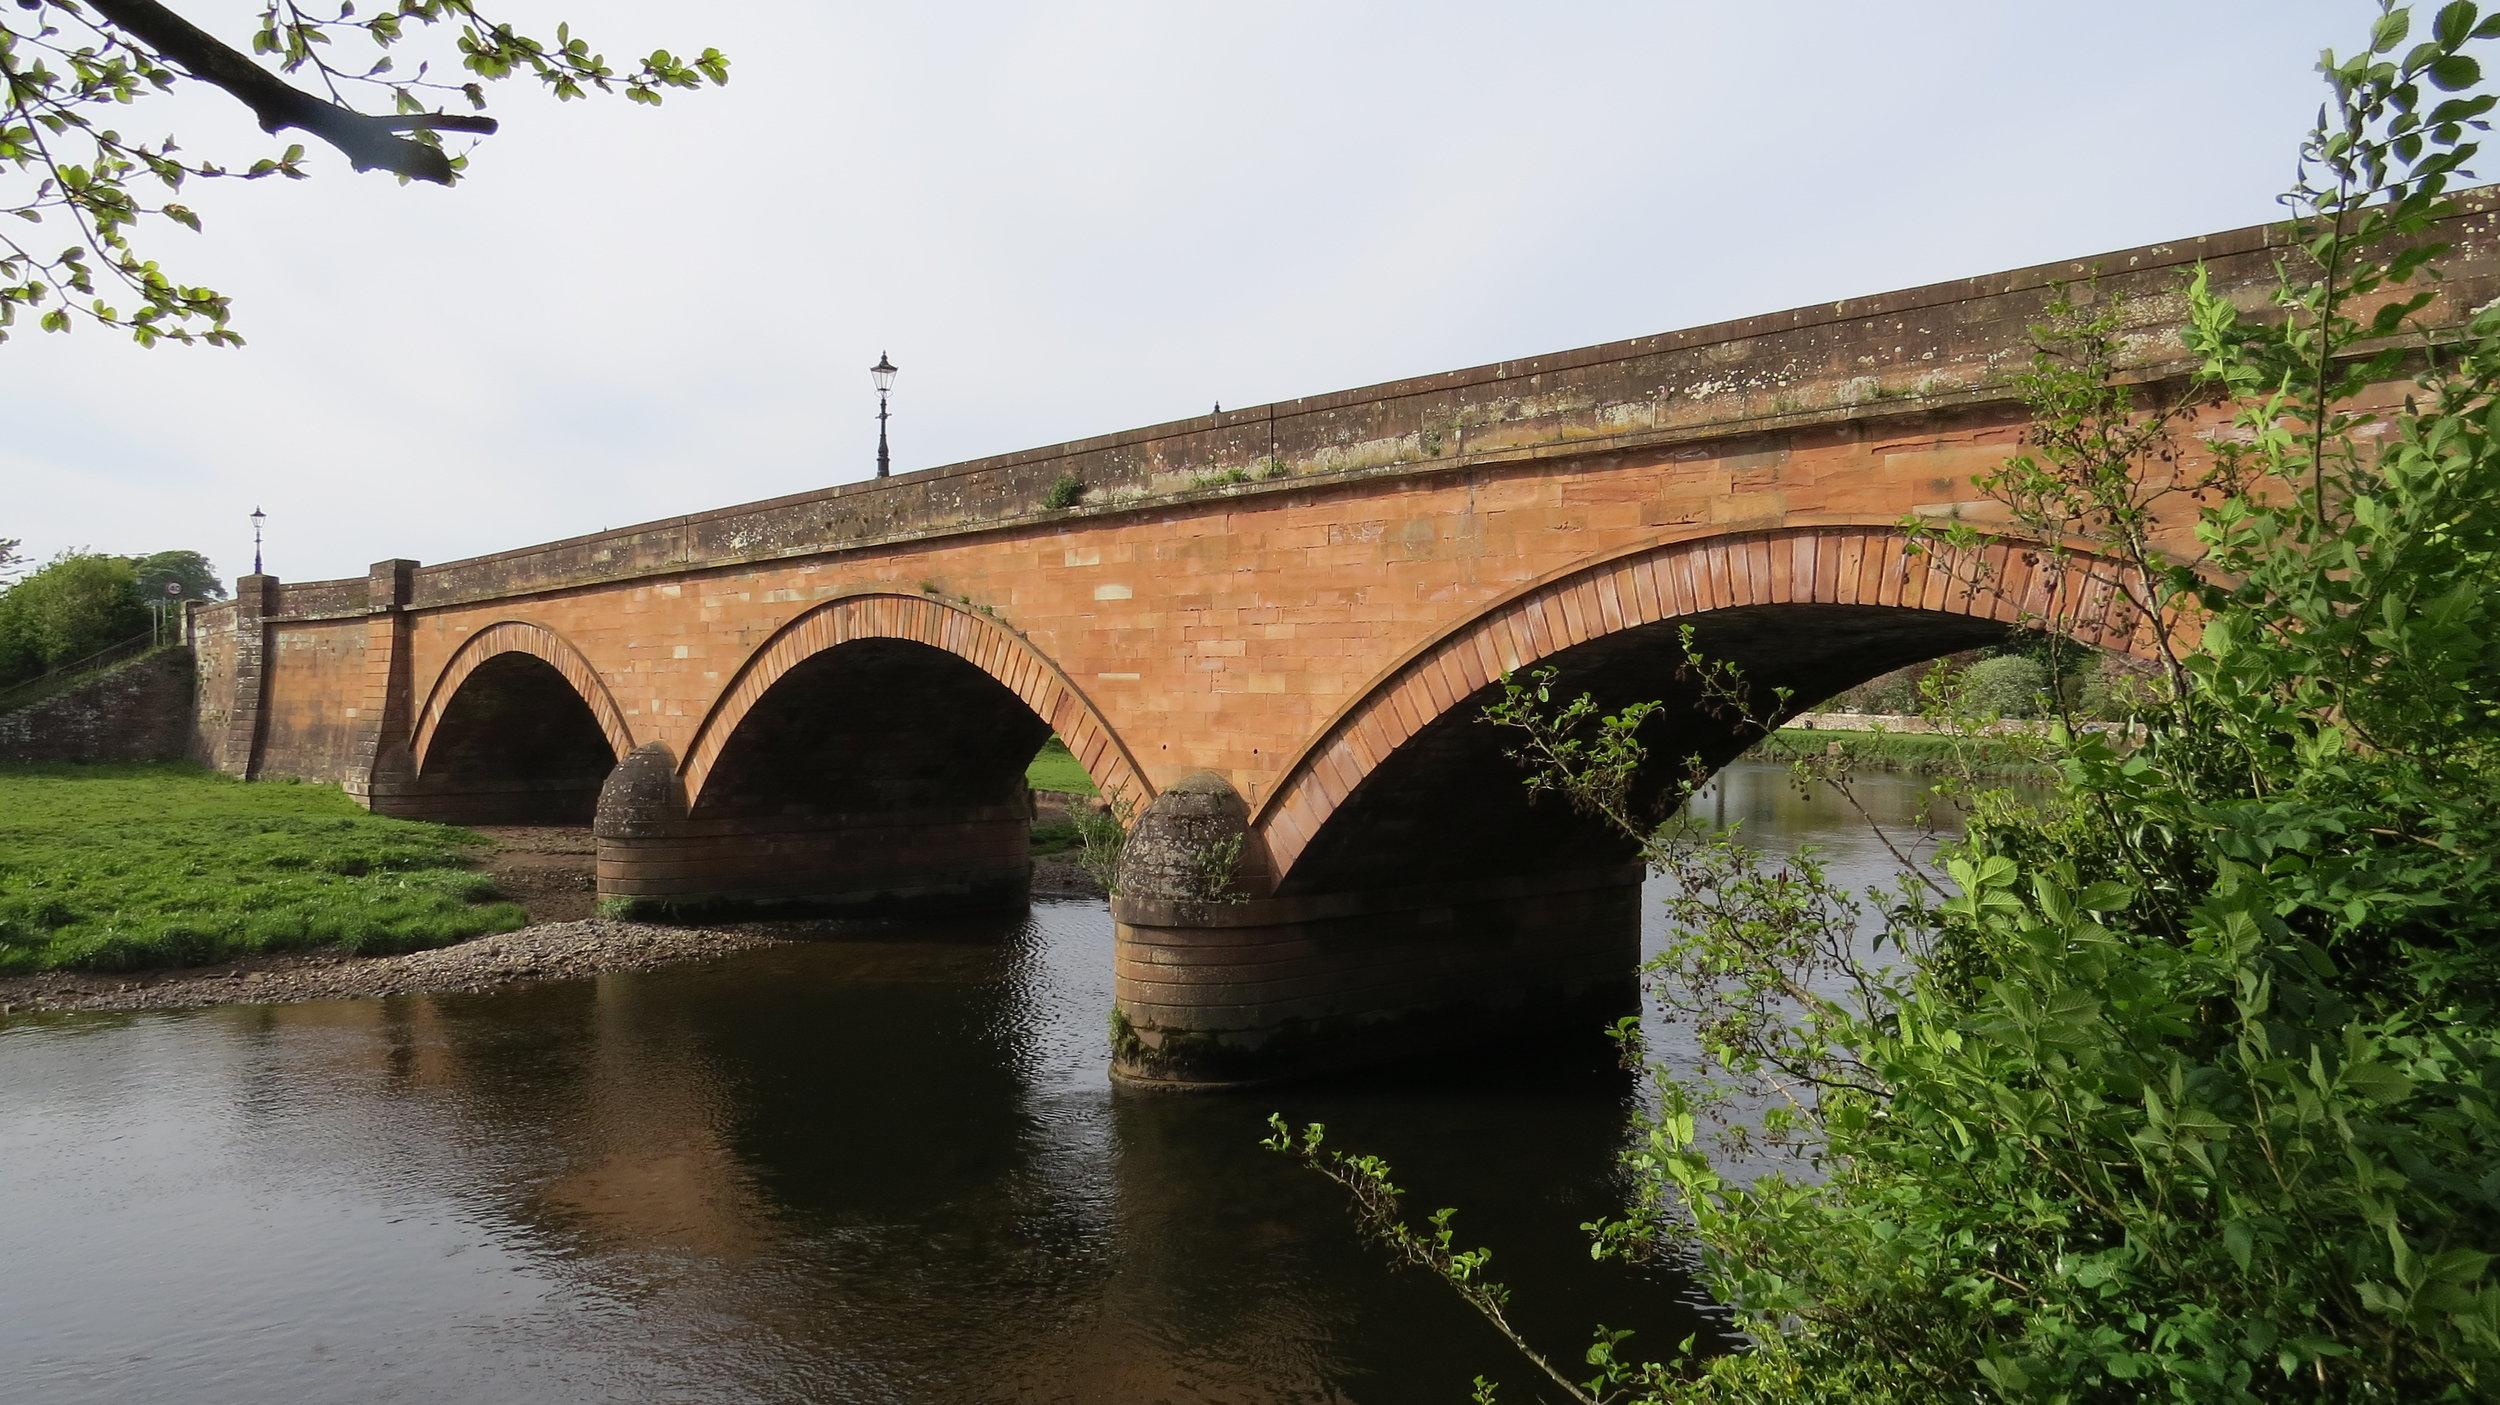 Annan Road Bridge